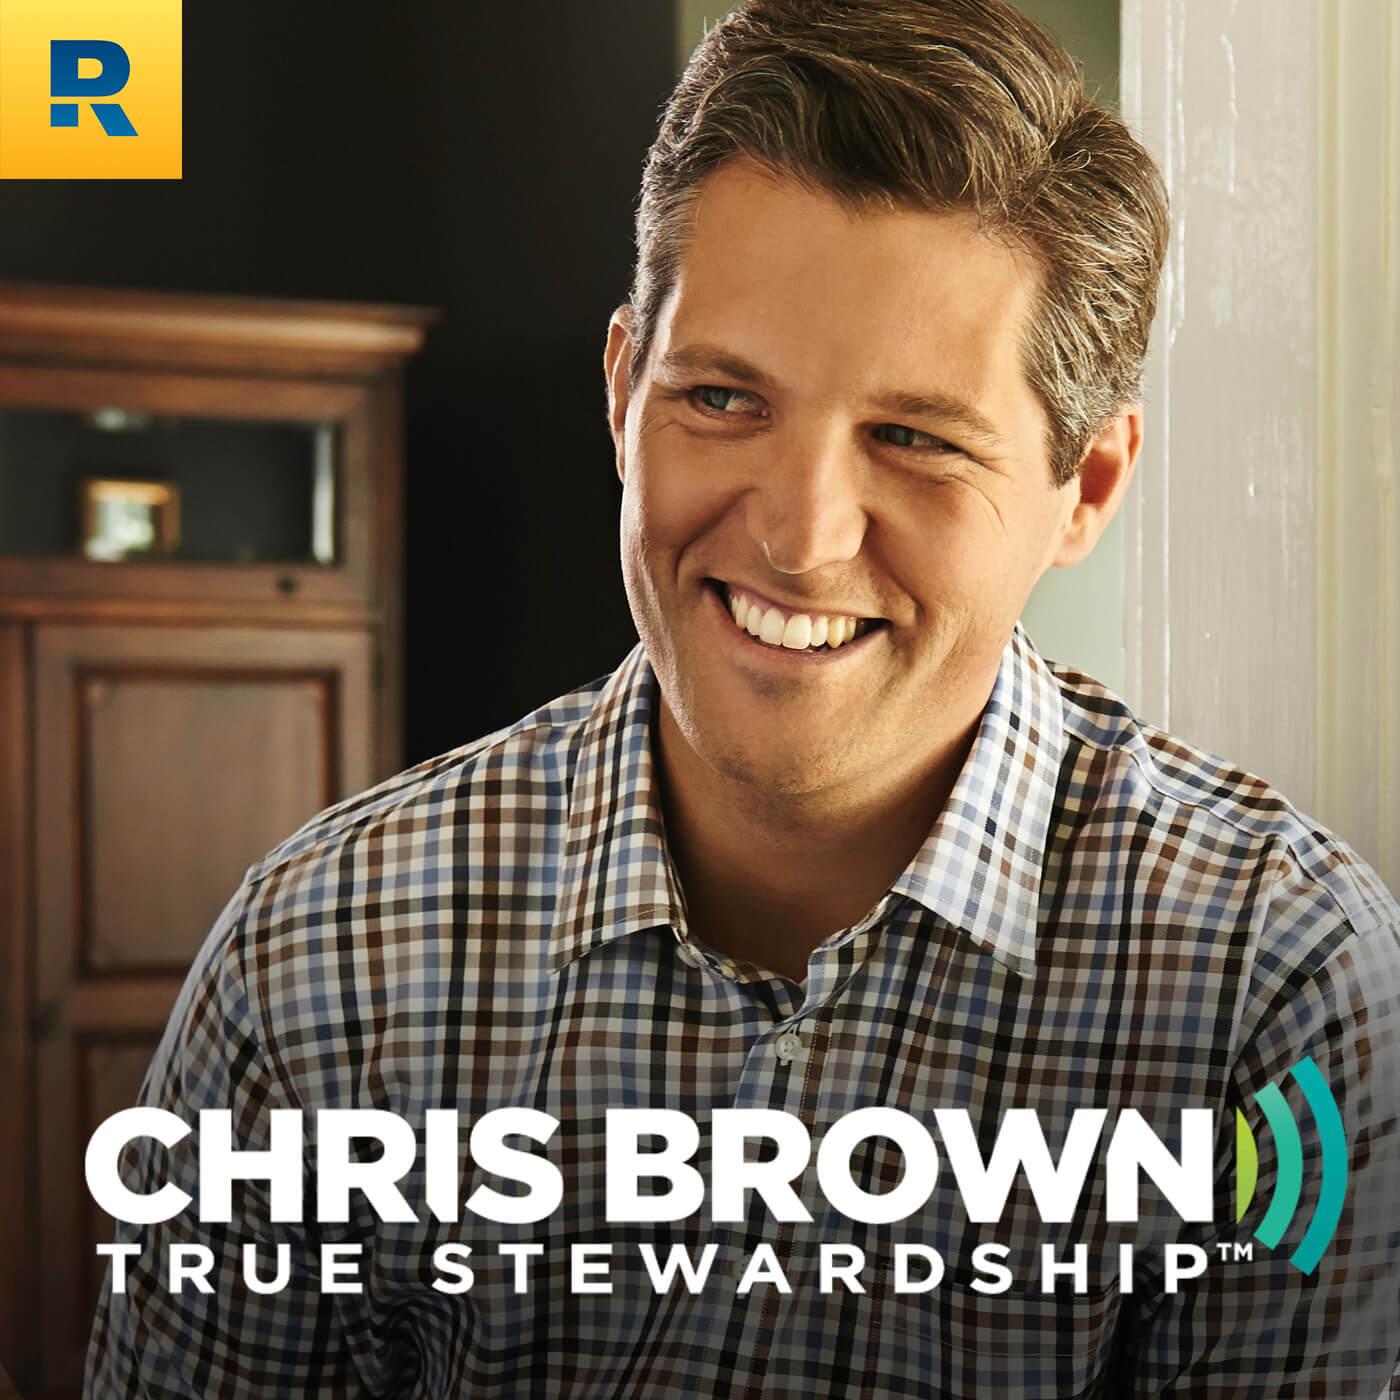 Chris Brown's True Stewardship